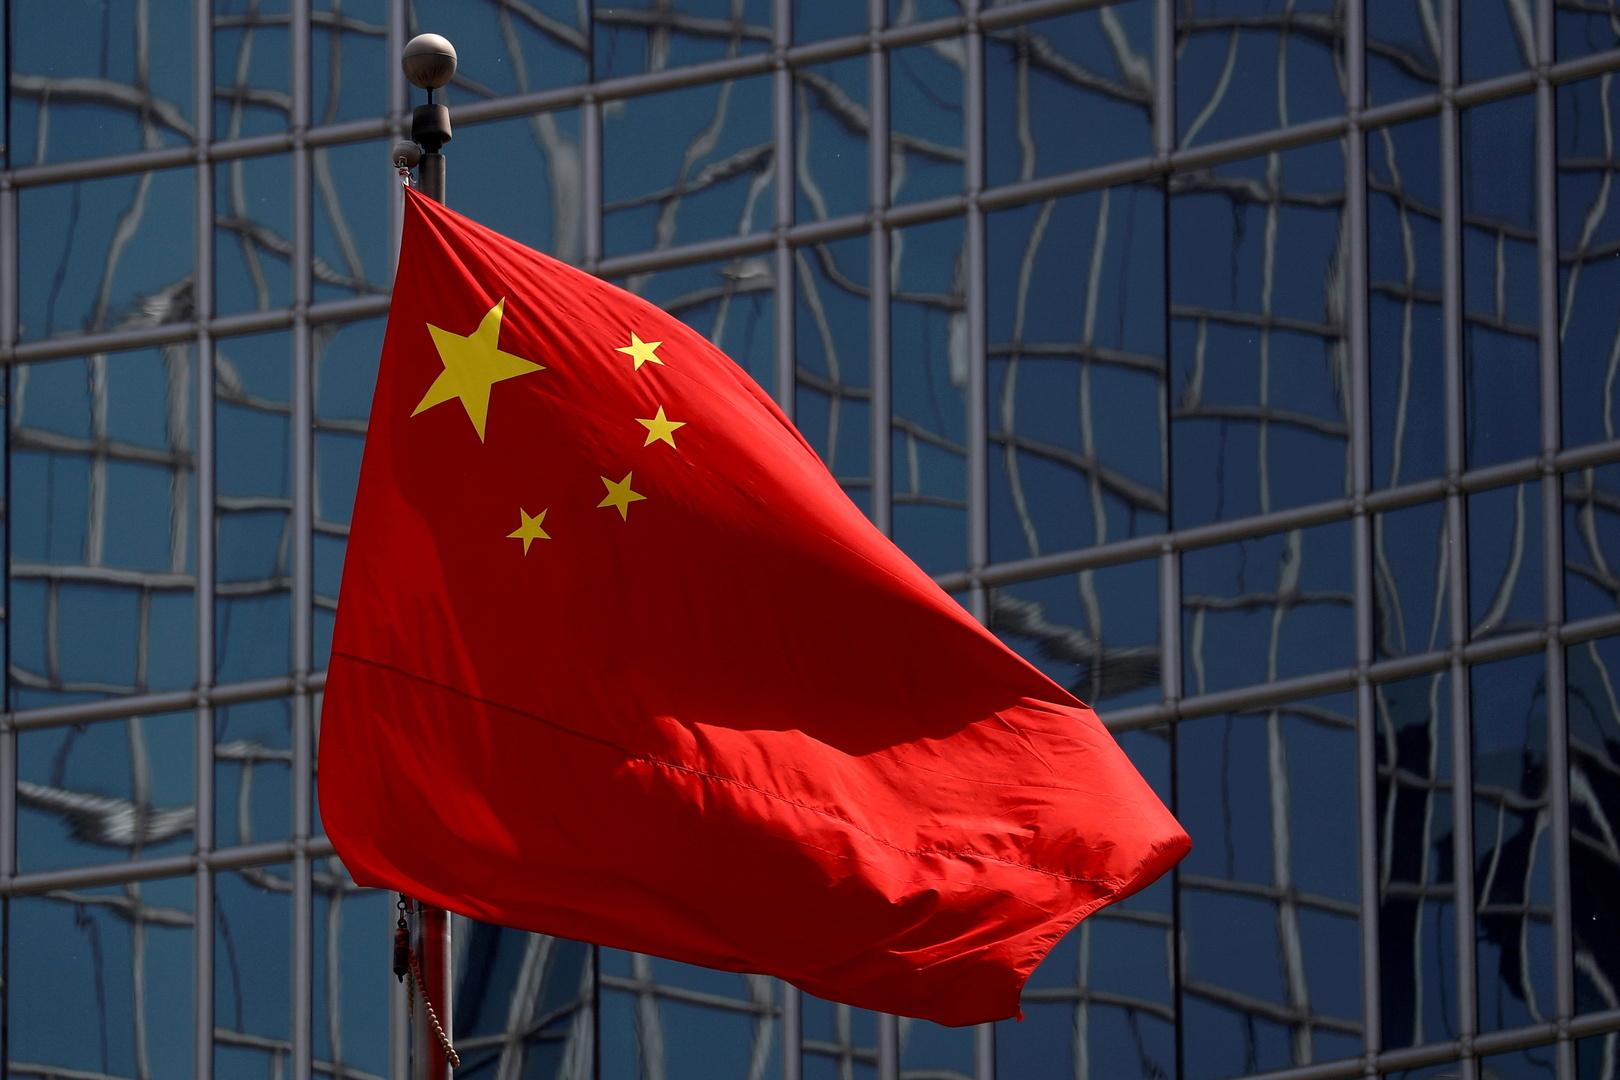 الصين: لن نتخلى عن مبدأ عدم الاستخدام الأول للسلاح النووي